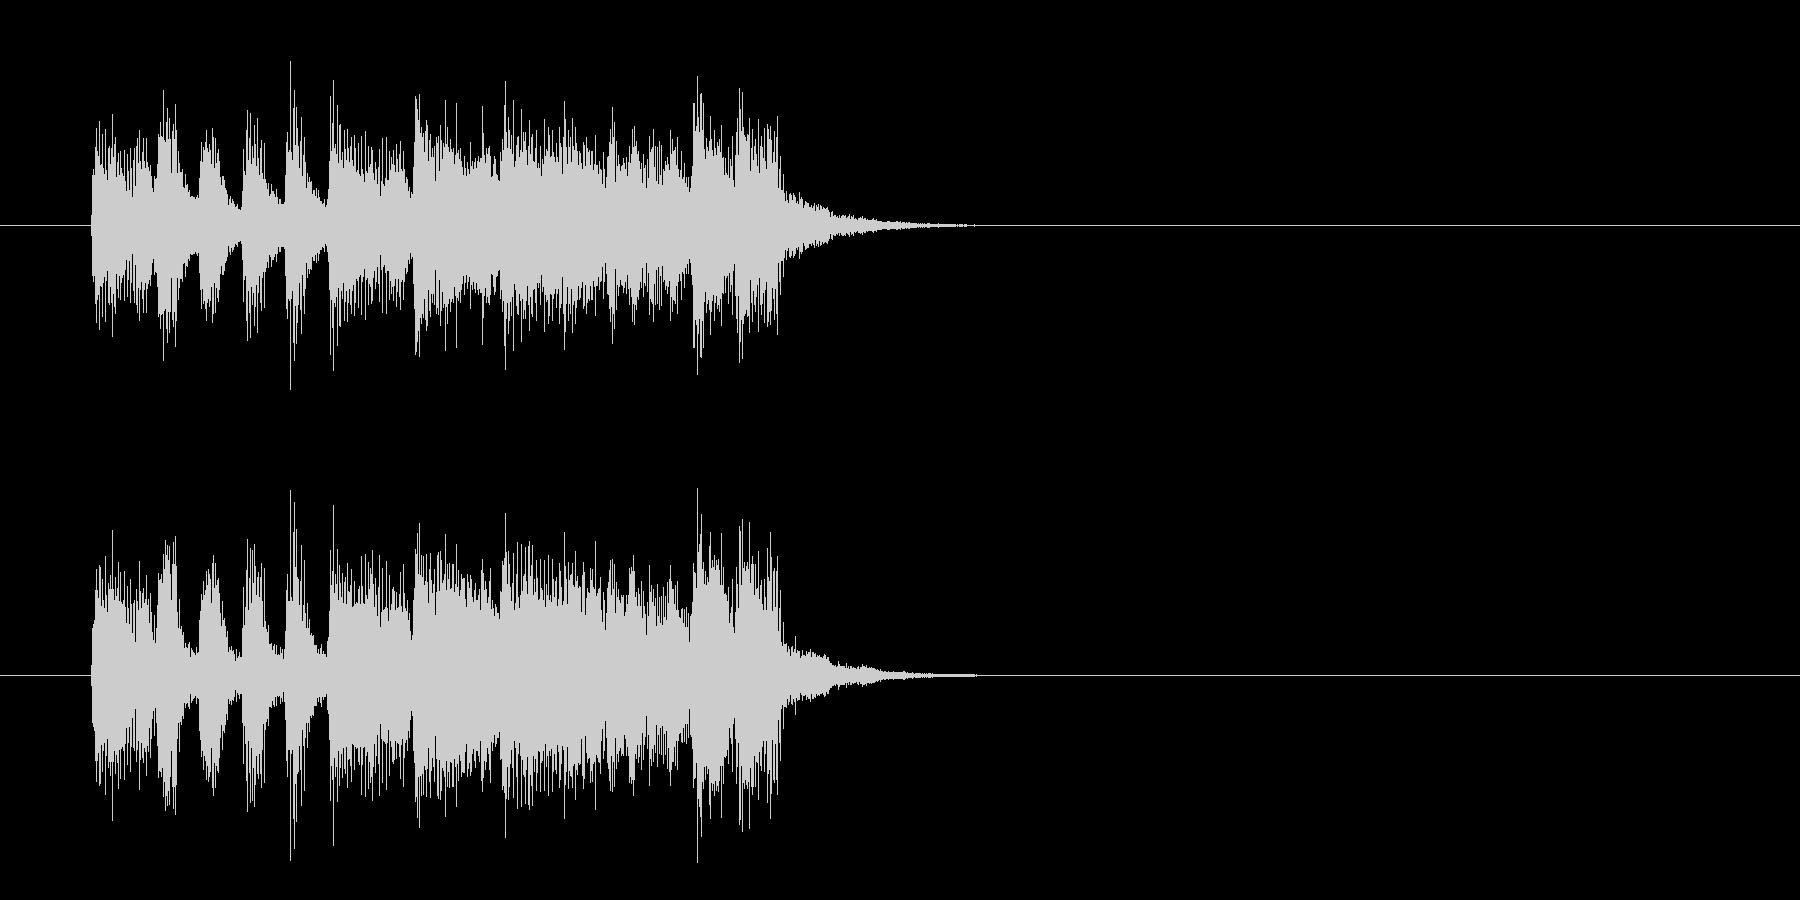 ジングル(ポップ/フュージョン風)の未再生の波形